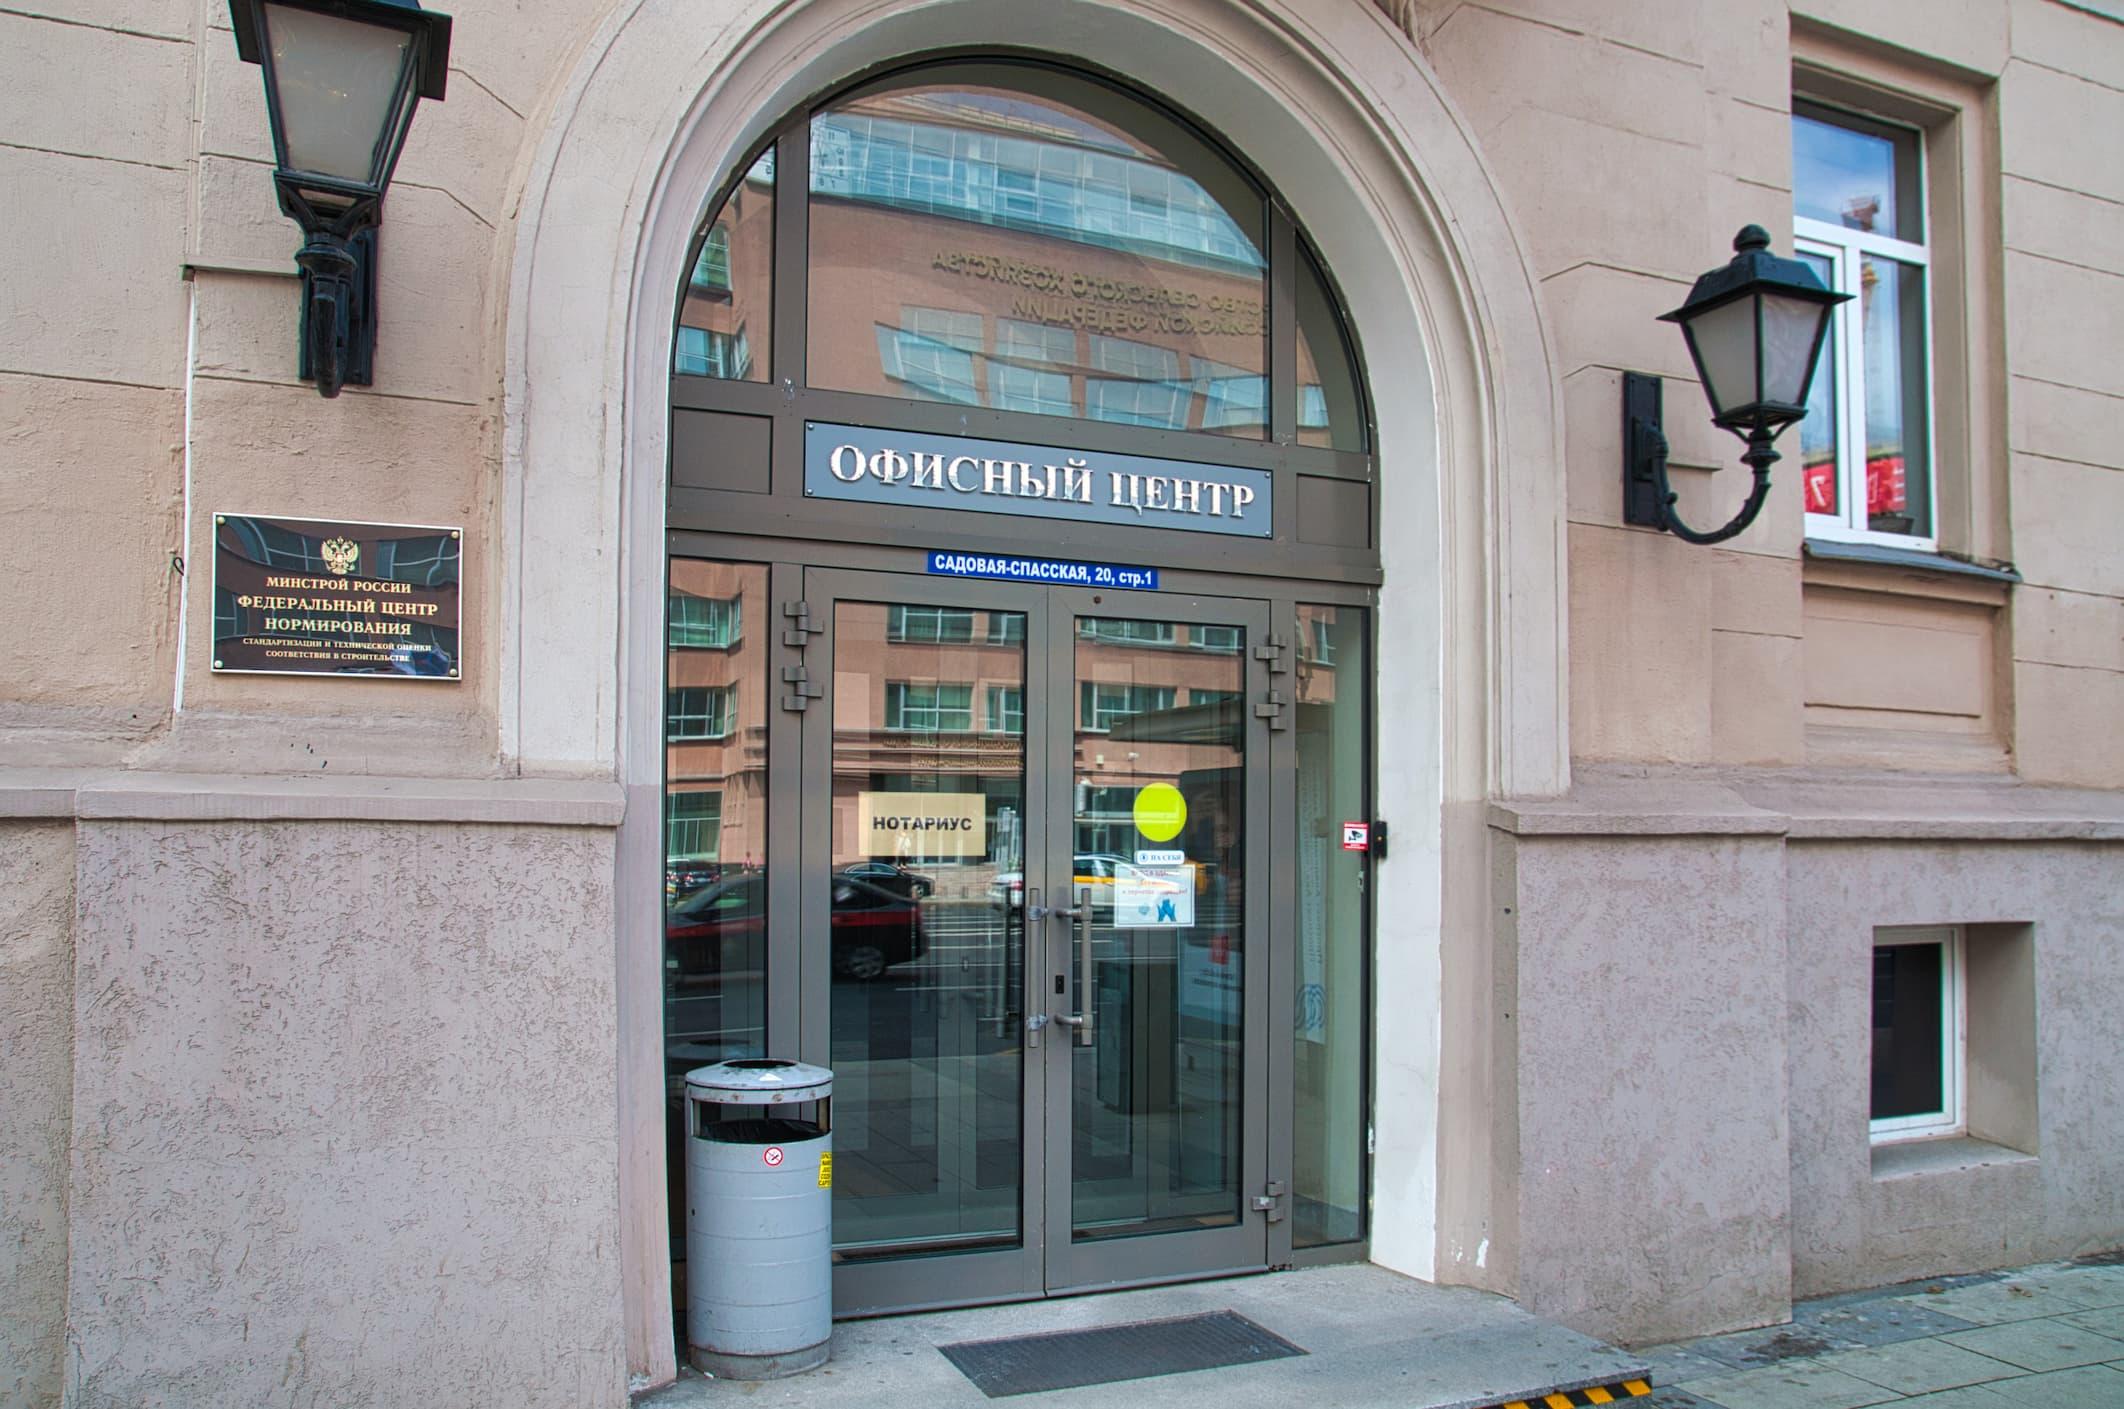 Вход в офис Адвоката Романа Лоторева